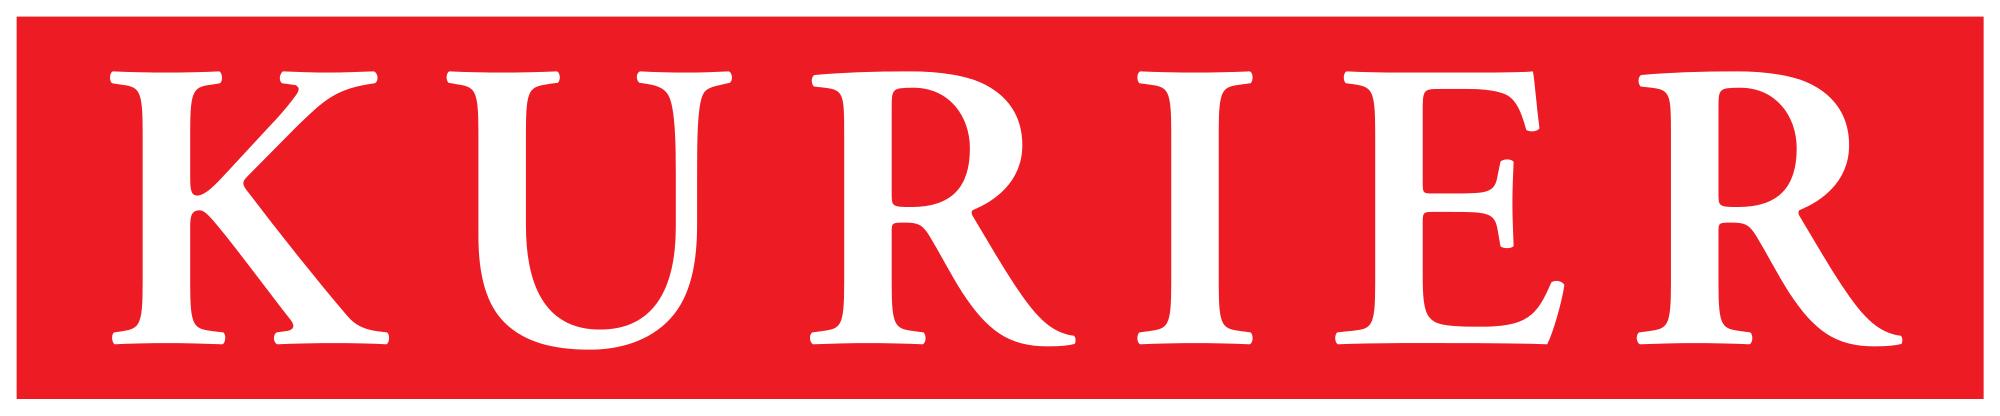 kurier_logo